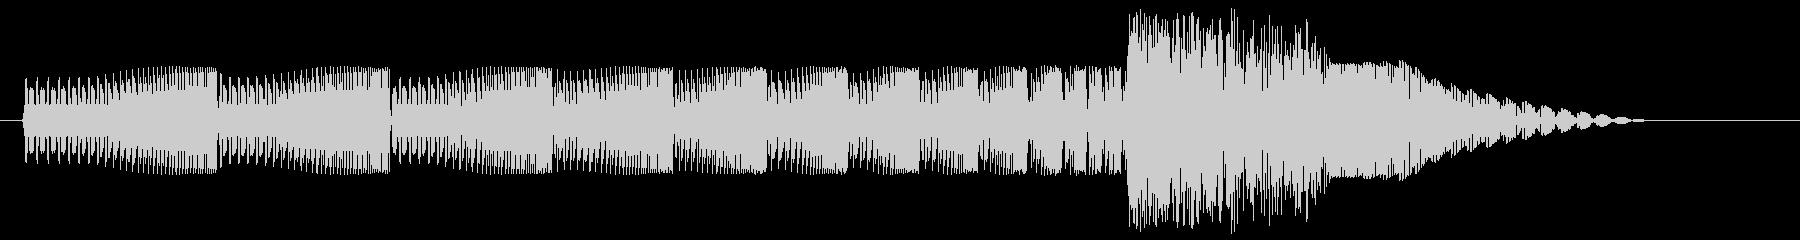 ギュワワン、とテレポーテーションする音…の未再生の波形